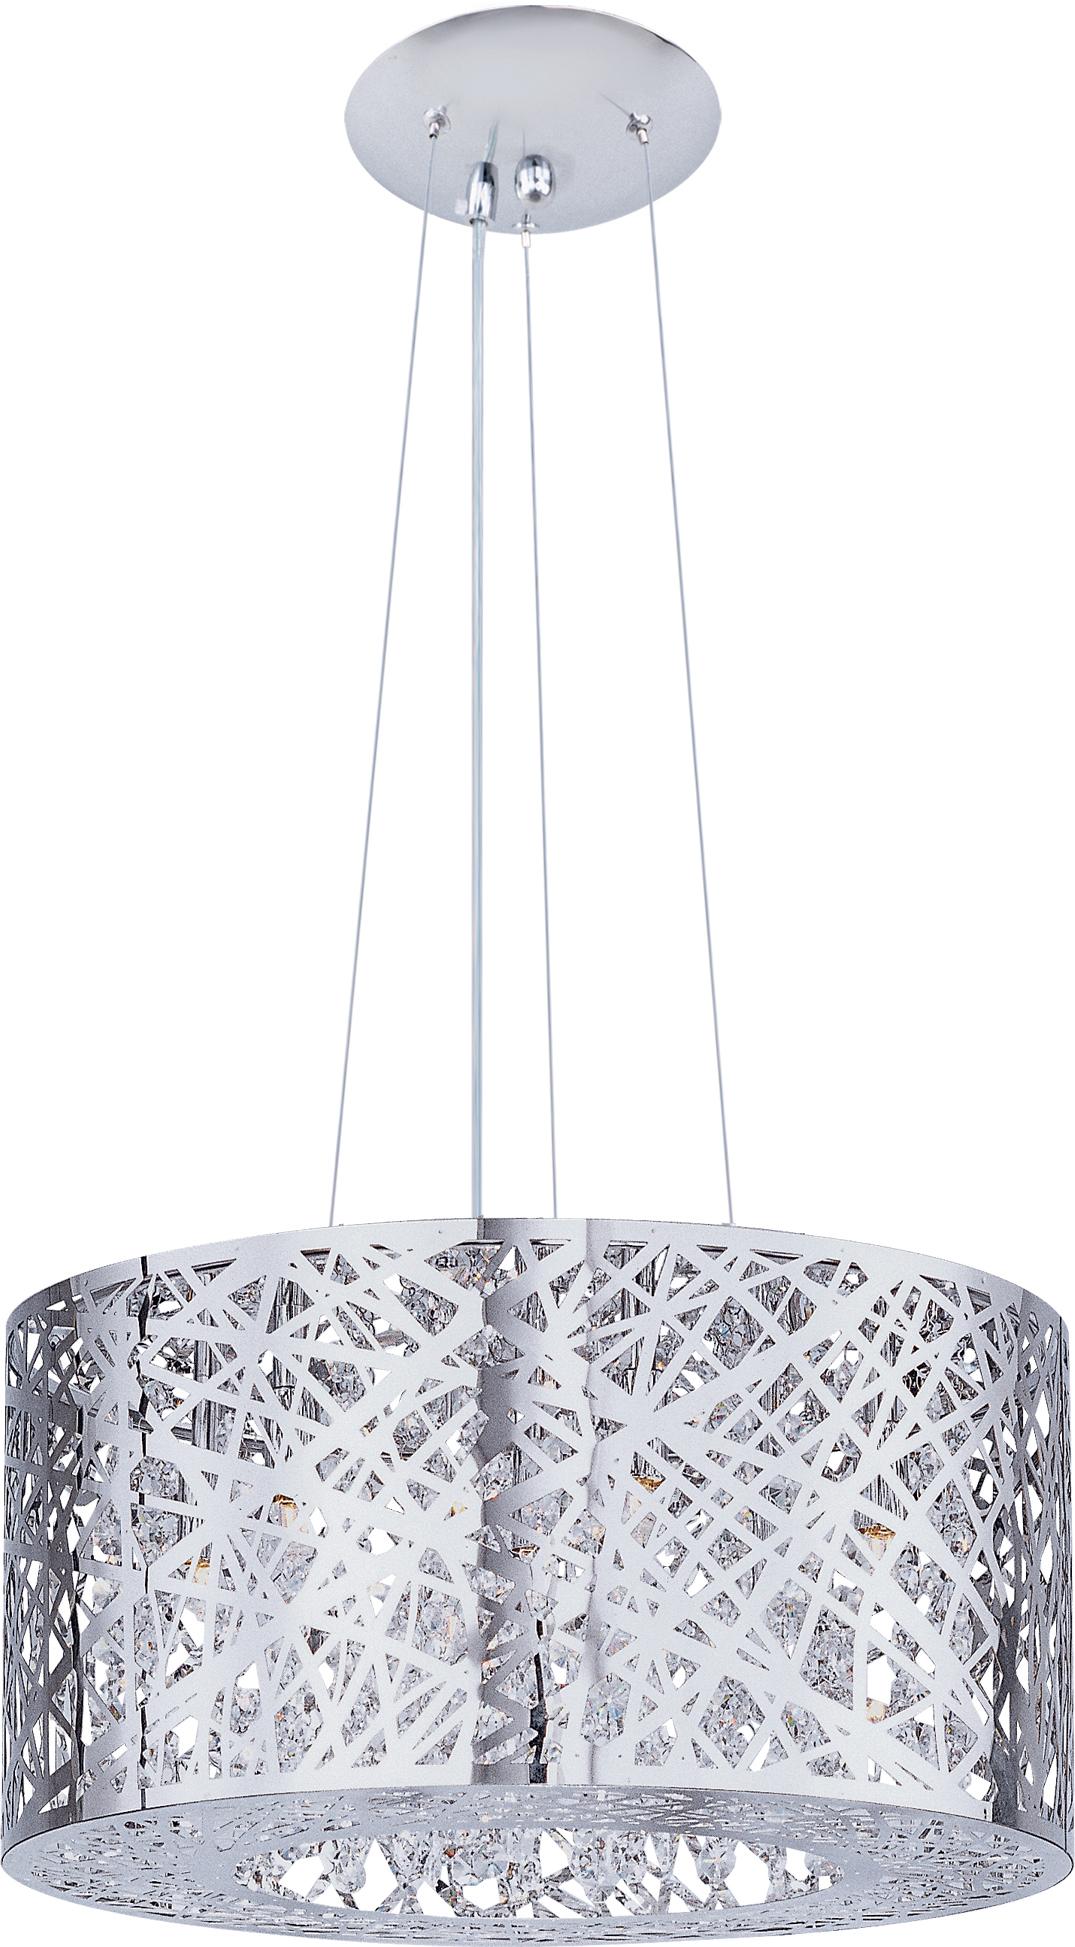 inca 7 light pendant w led bulb multi light pendant maxim lighting